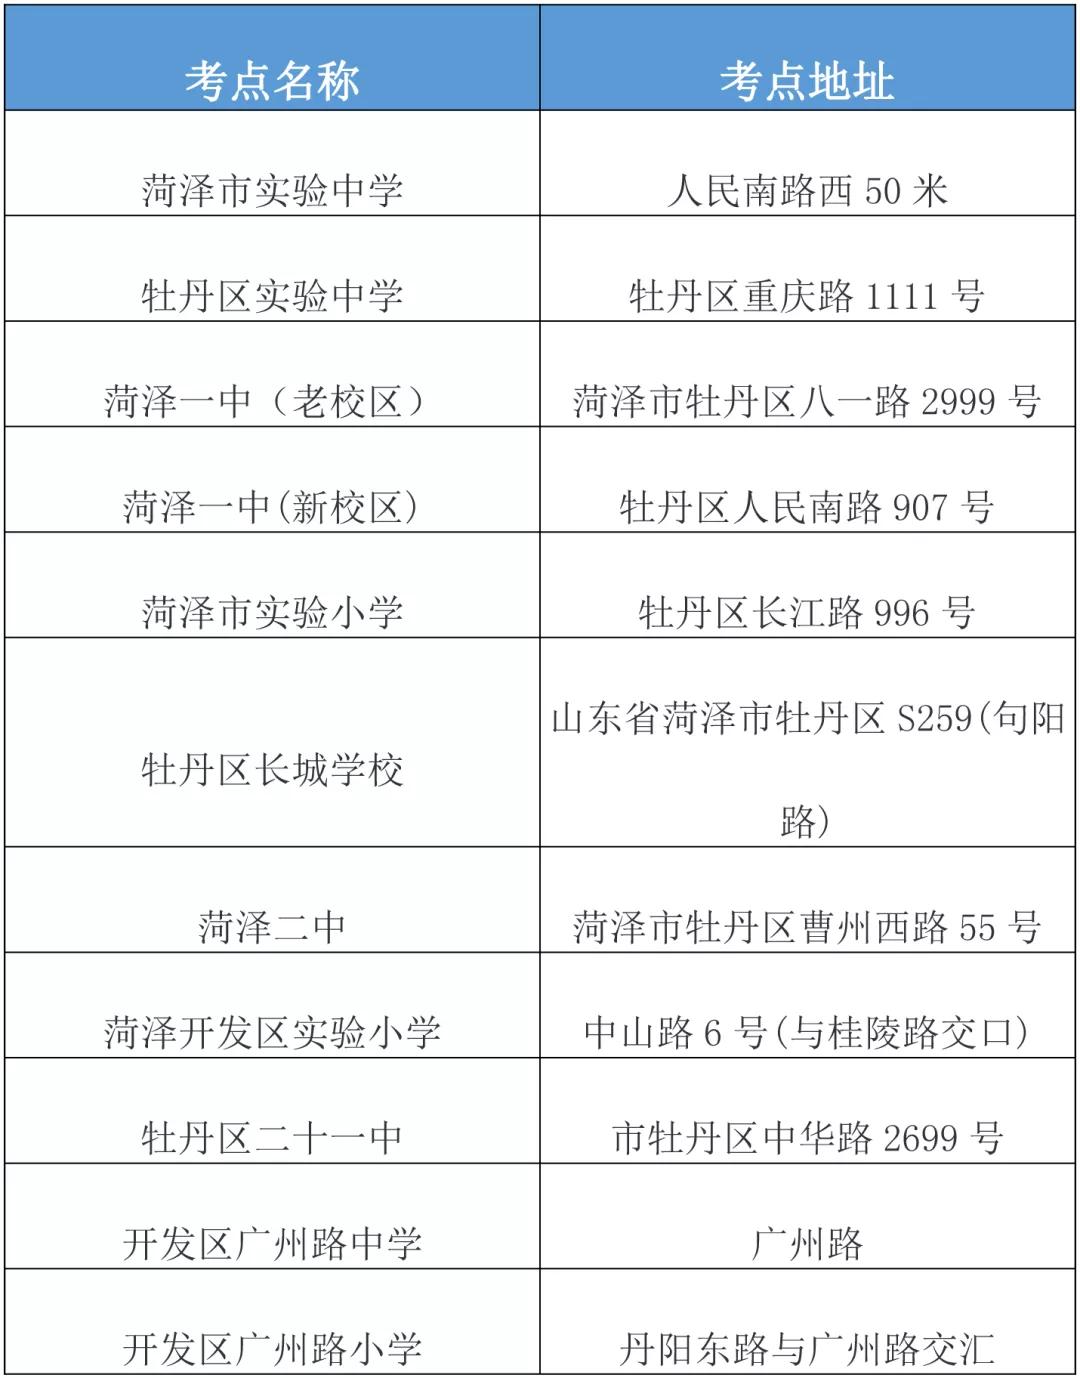 济宁市公务员_2019年山东公务员考试各地市考点分布汇总 - 国家公务员考试网